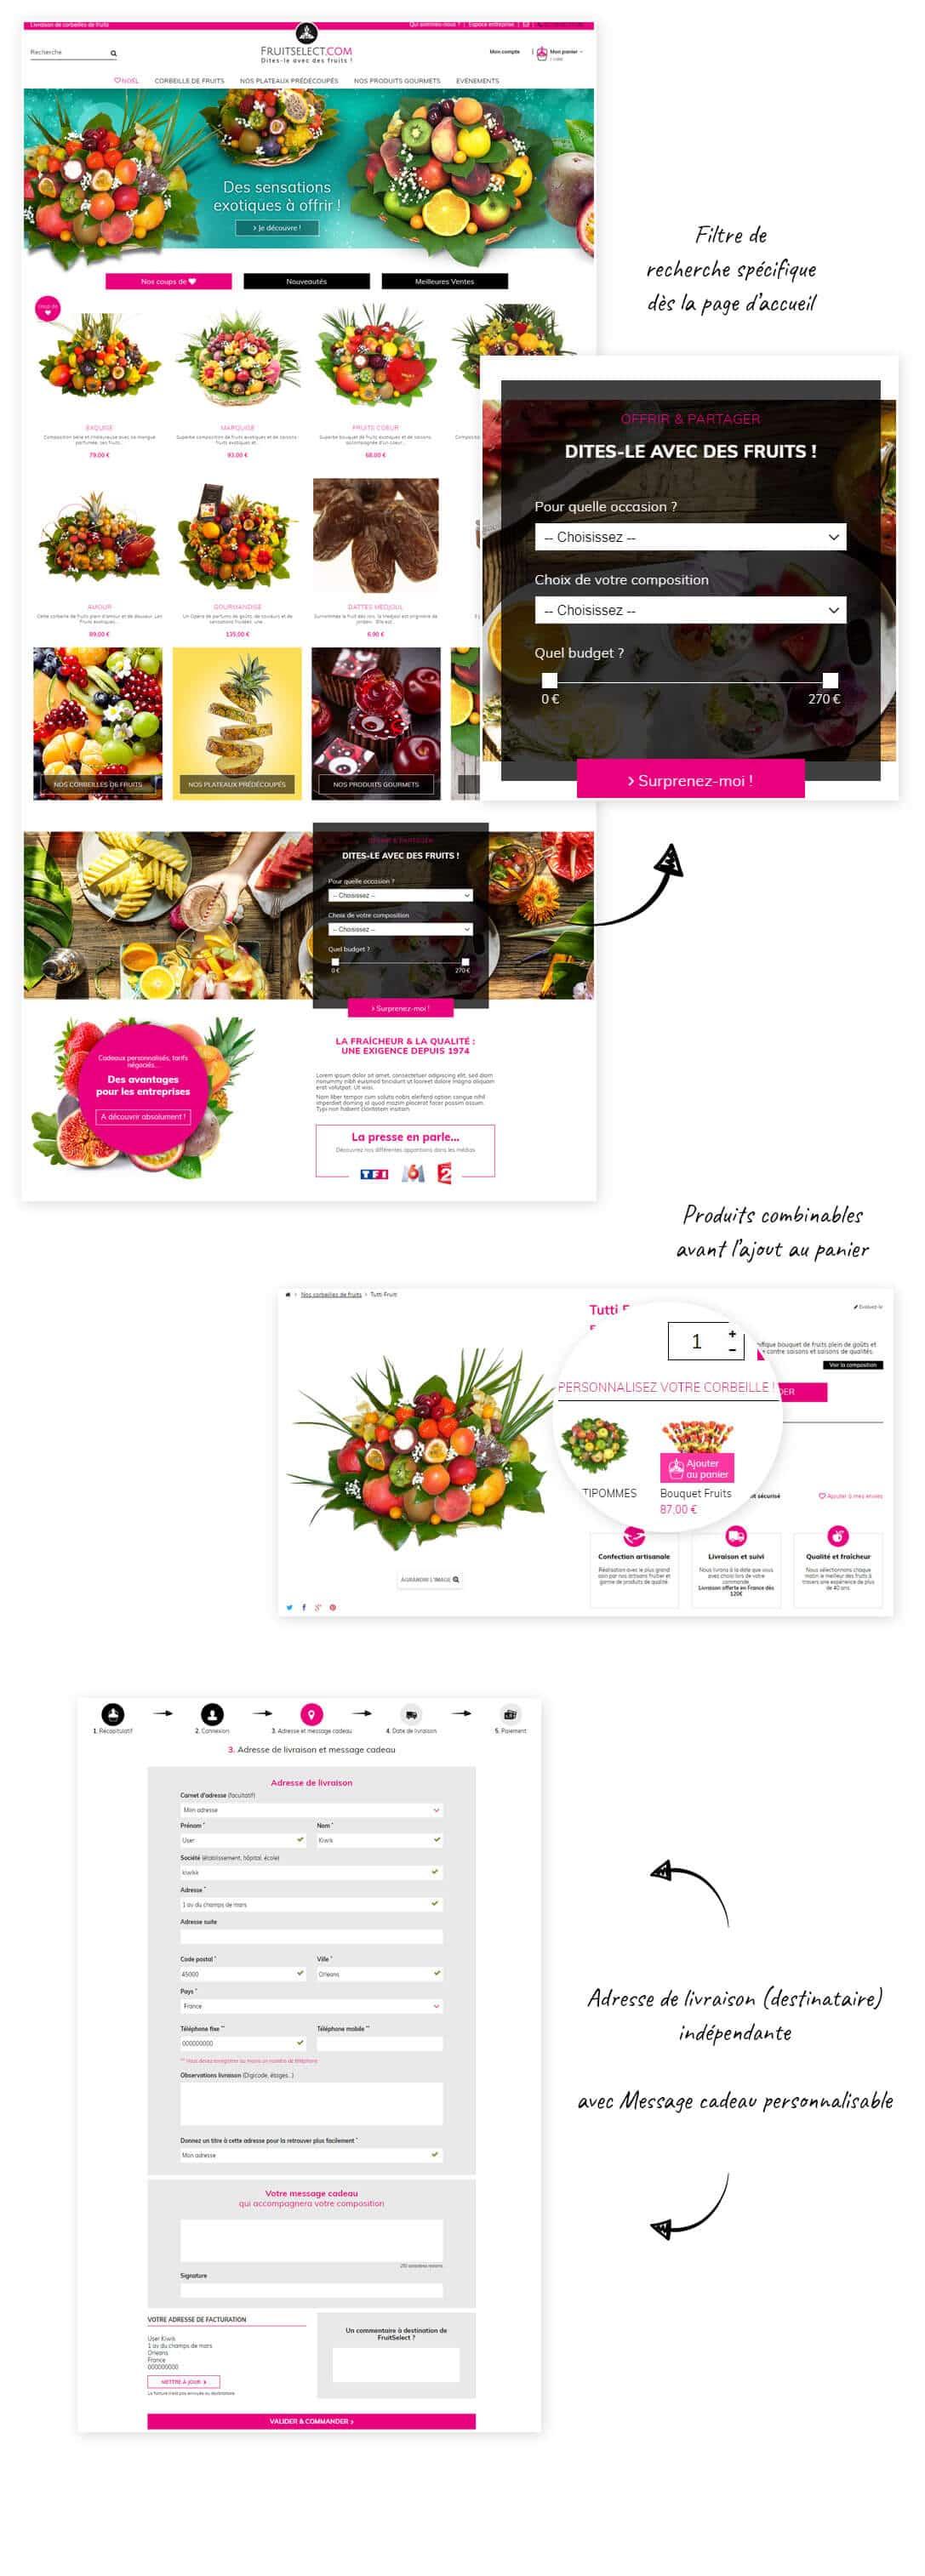 site e-commerce Prestashop corbeilles de fruits cadeaux